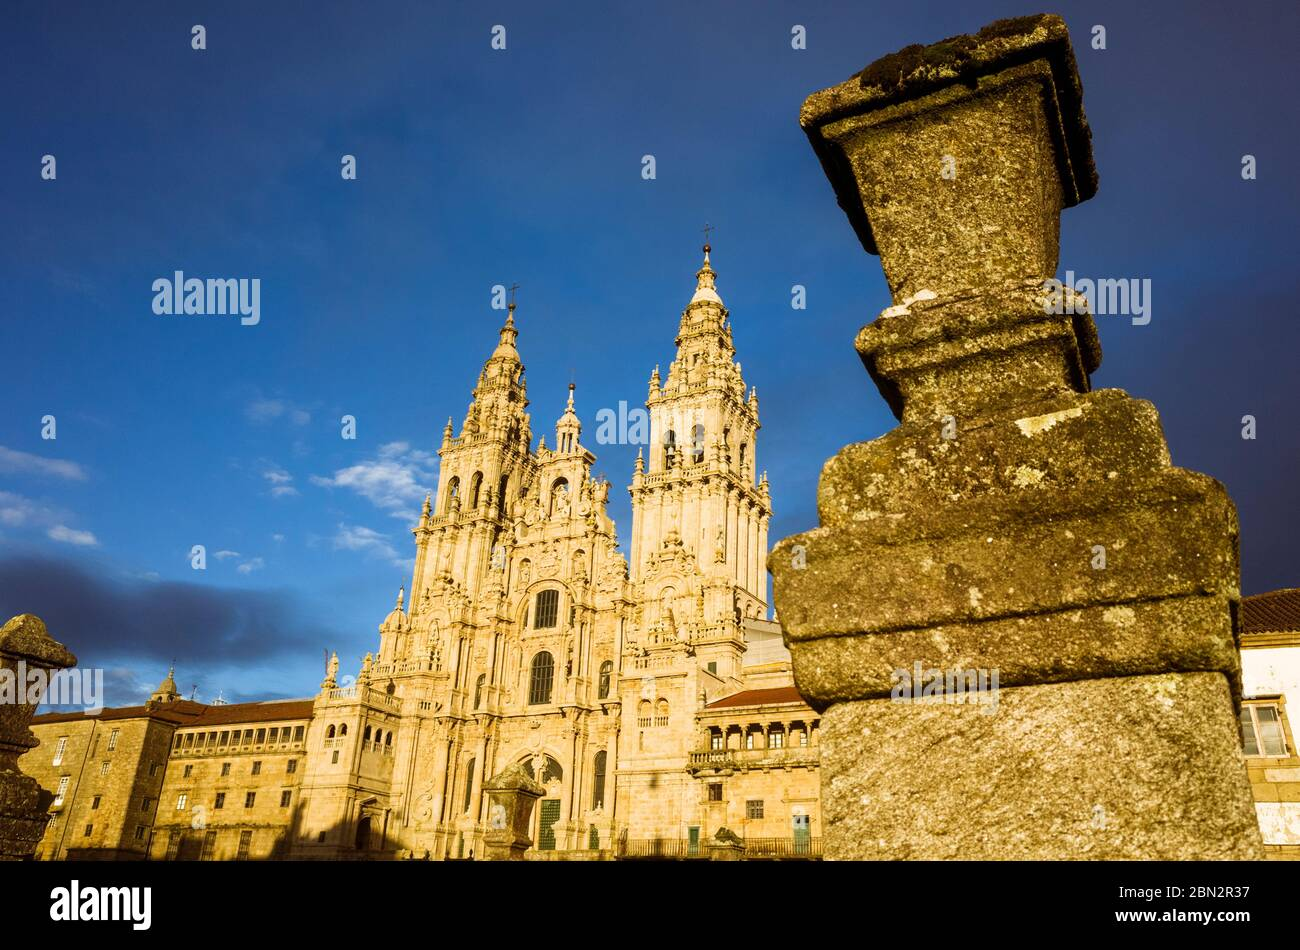 Santiago de Compostela, A Coruña province, Galicia, Spain - February 12th, 2020 : Baroque Obradoiro facade of the compostela Cathedral, the reputed bu Stock Photo